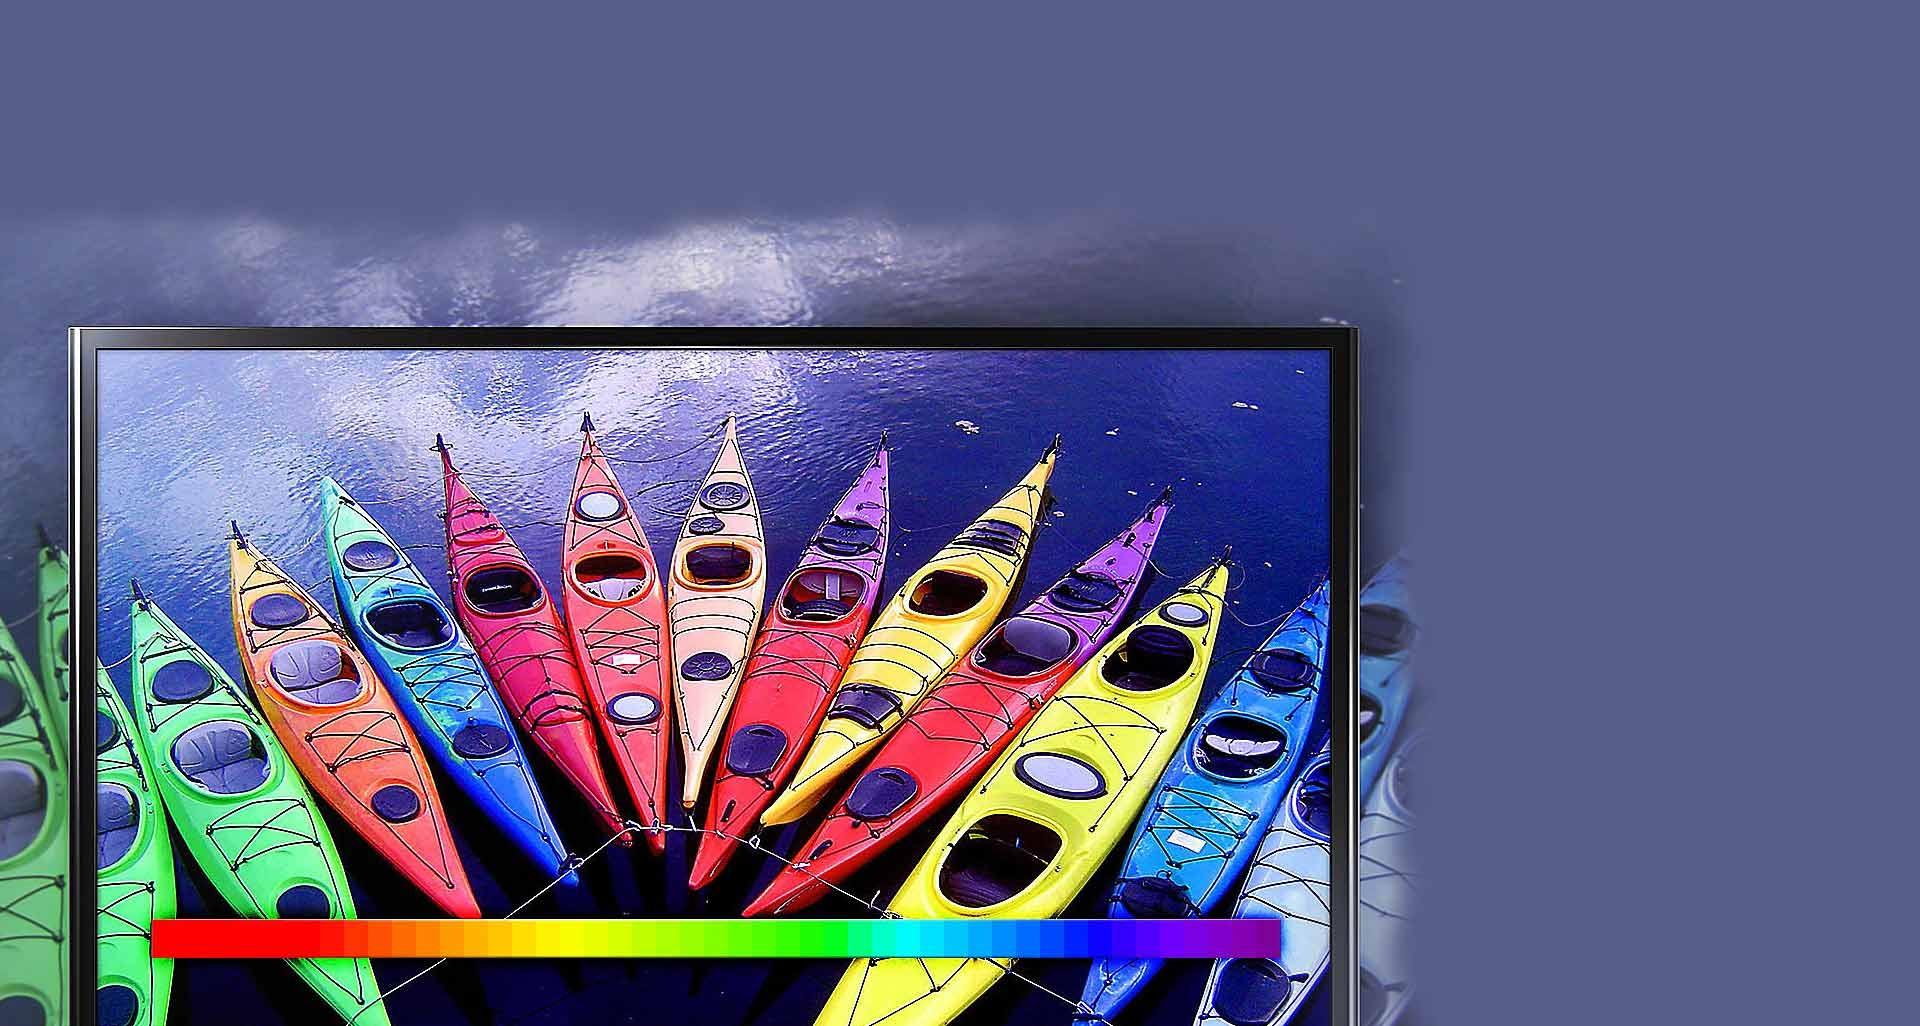 تقویت کننده رنگ گسترده در تلویزیون سری 5 سامسونگ